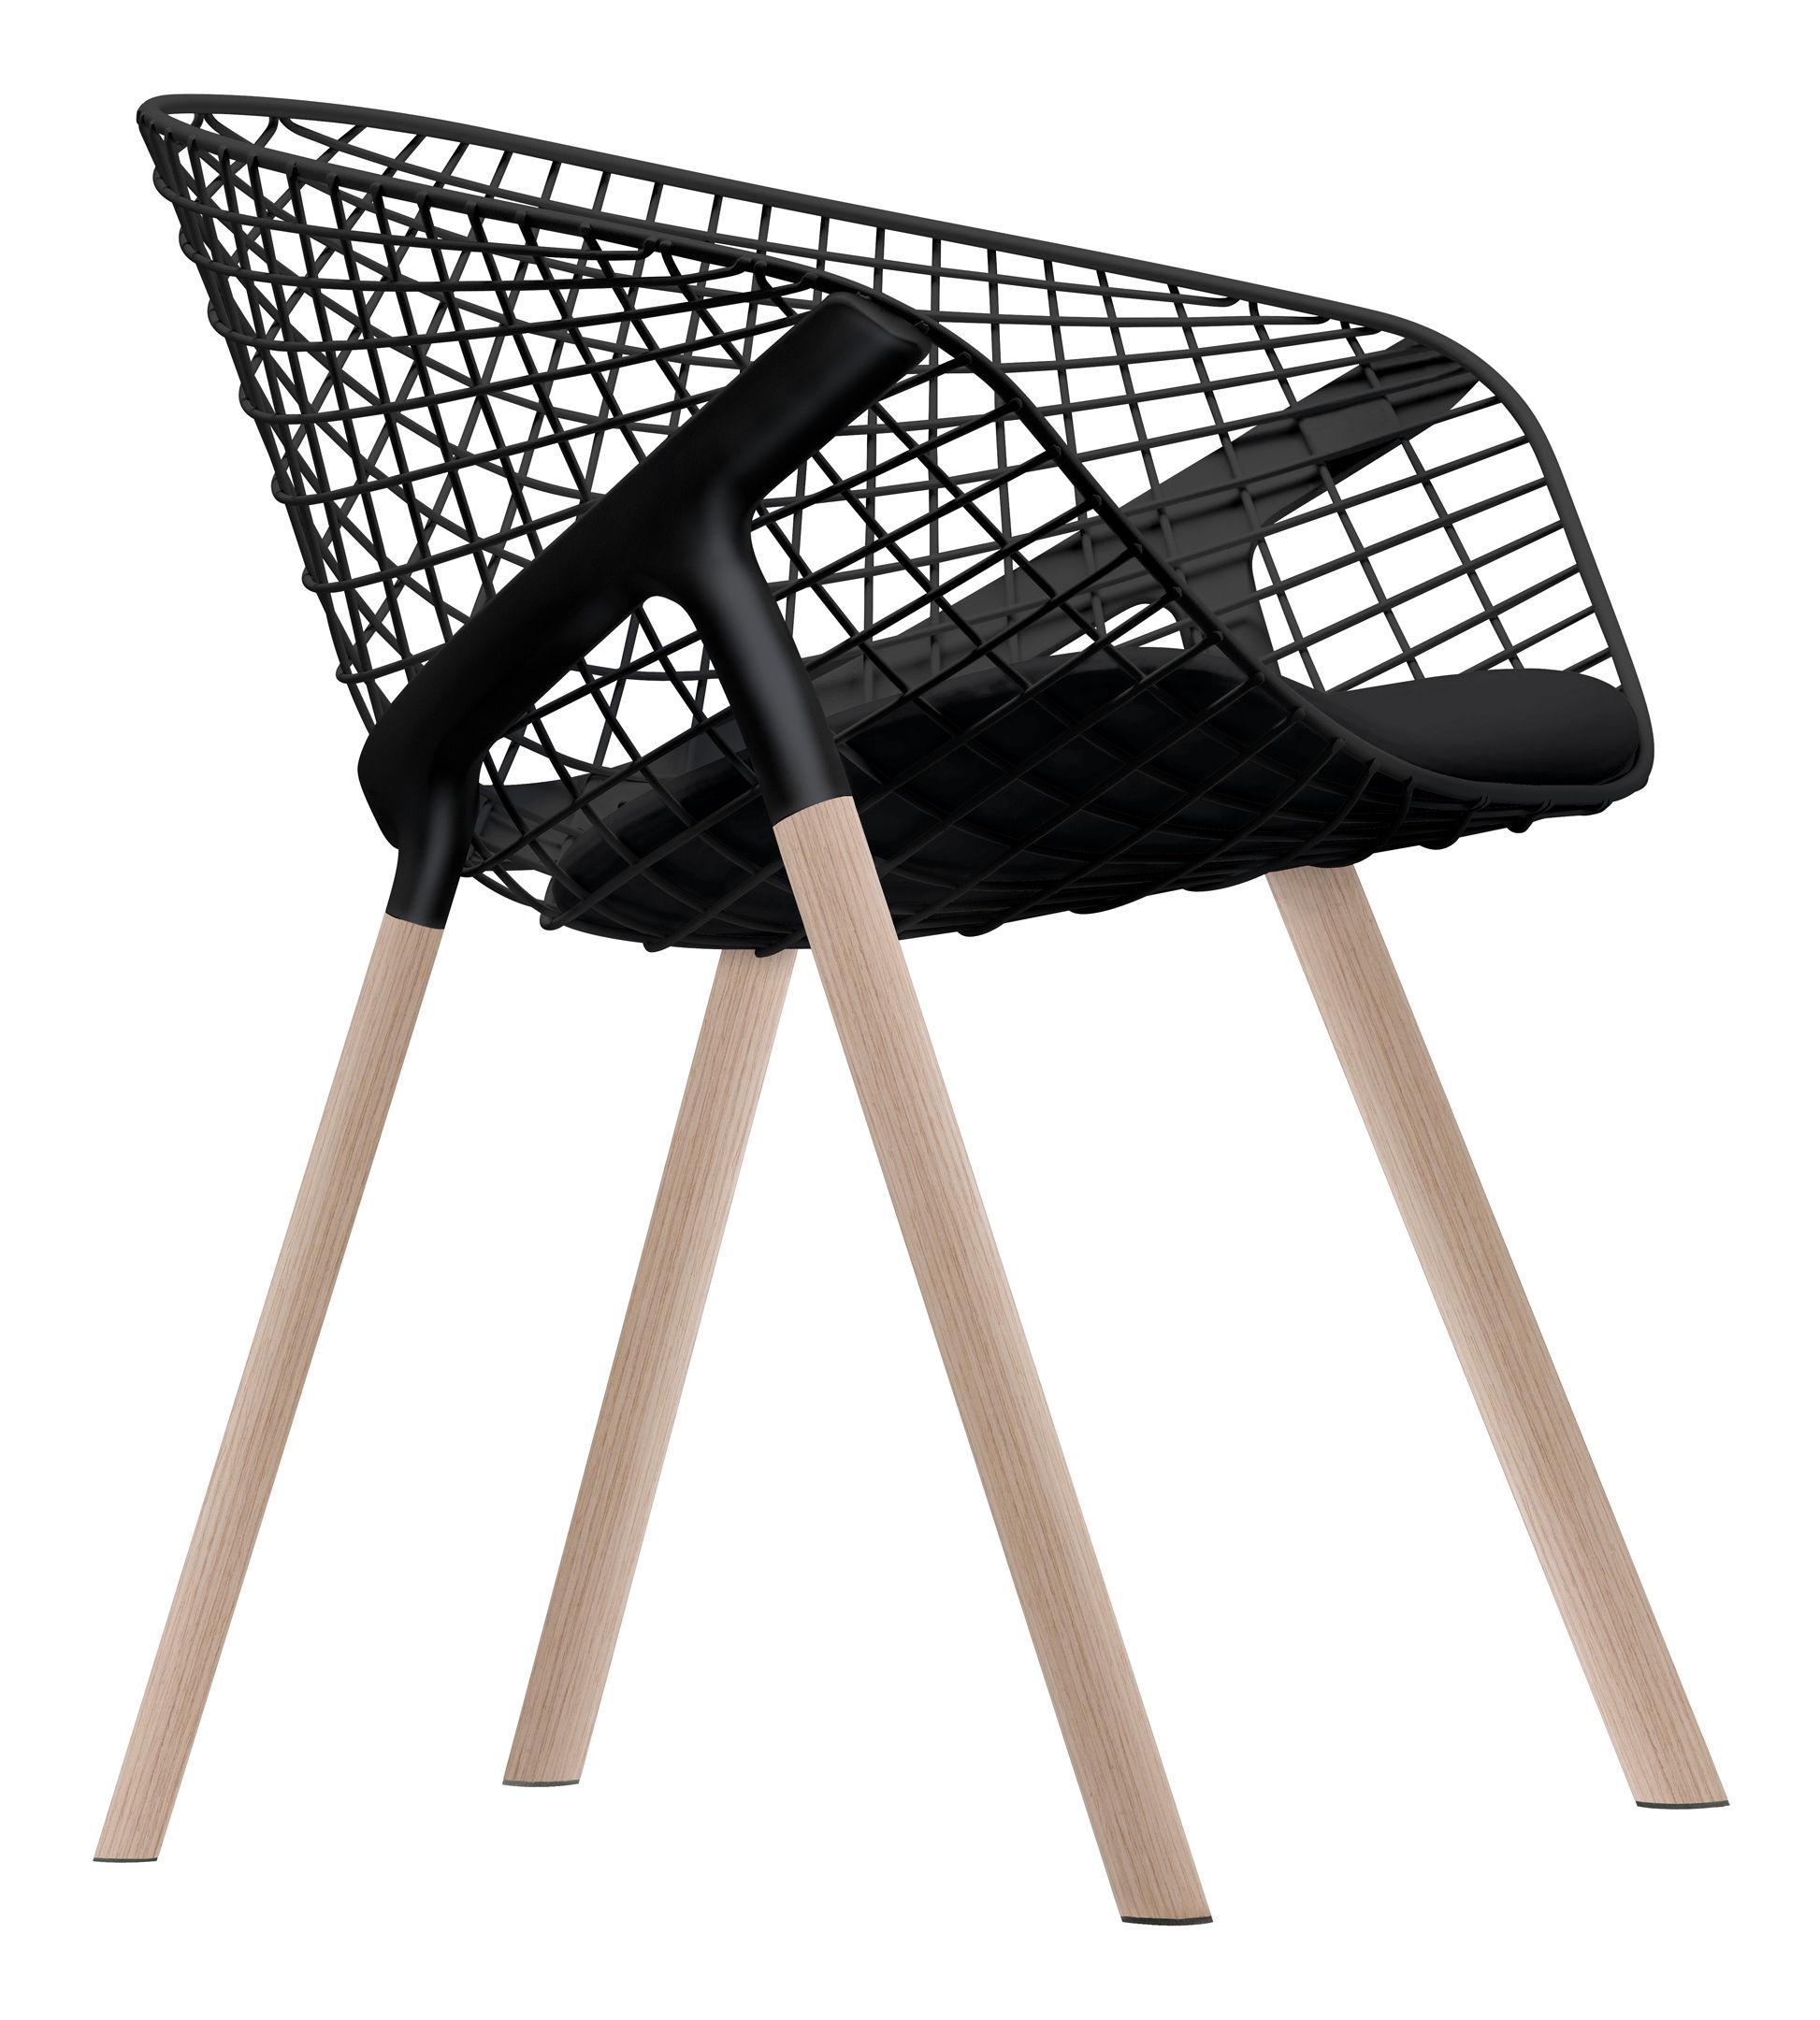 Mobilier - Chaises, fauteuils de salle à manger - Fauteuil Kobi Wood / Métal & pieds bois - Petit coussin - Alias - Noir / Pieds chêne - Petit coussin noir - Acier laqué, Chêne, Tissu